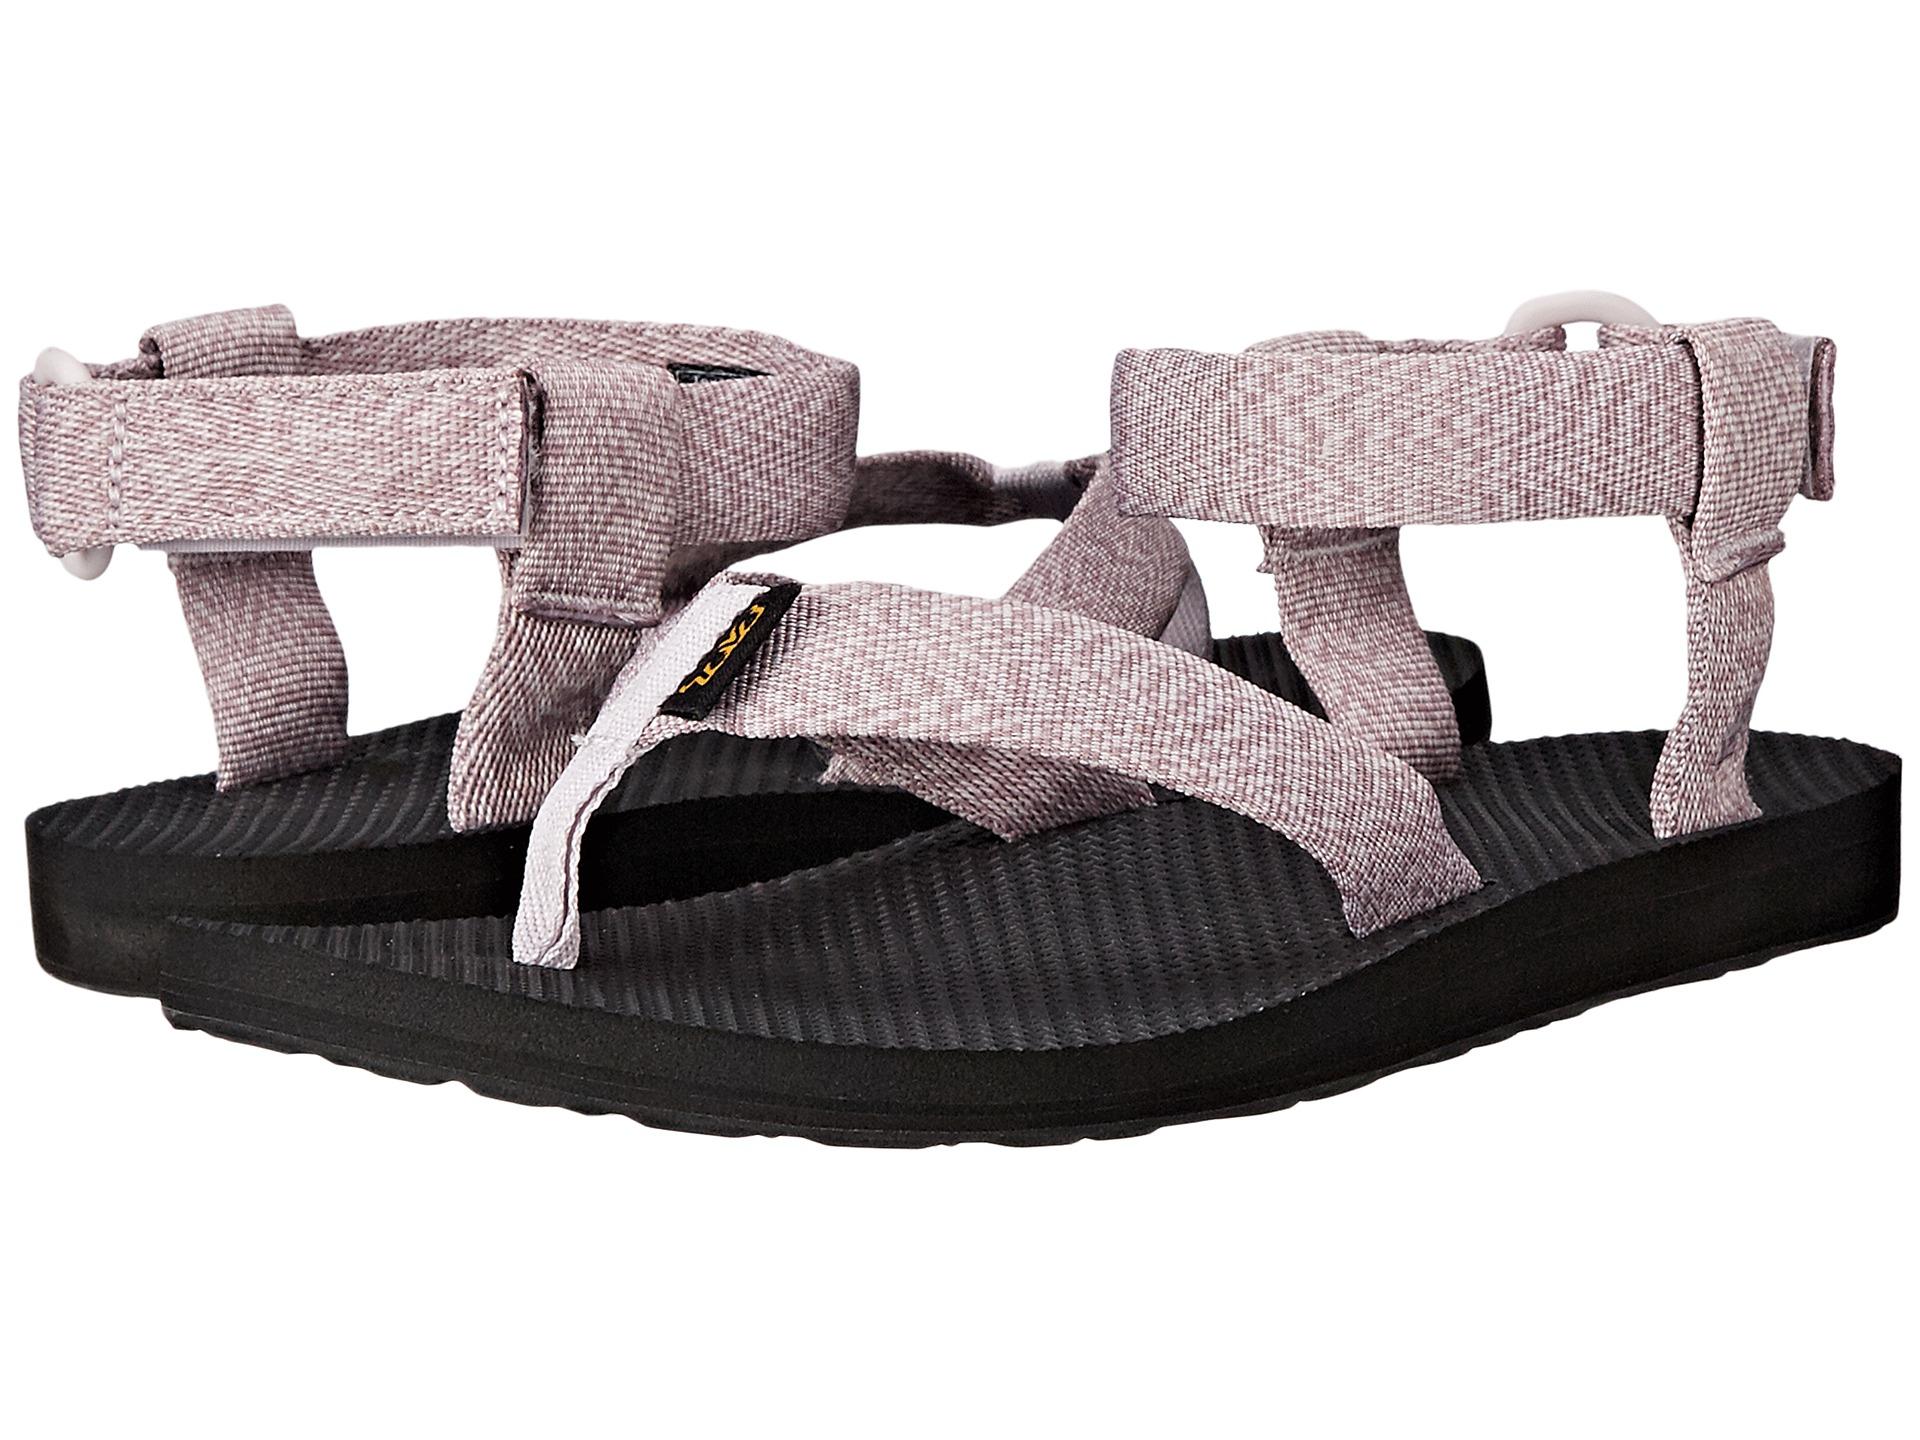 5780d73268f402 Lyst - Teva Original Sandal in Gray